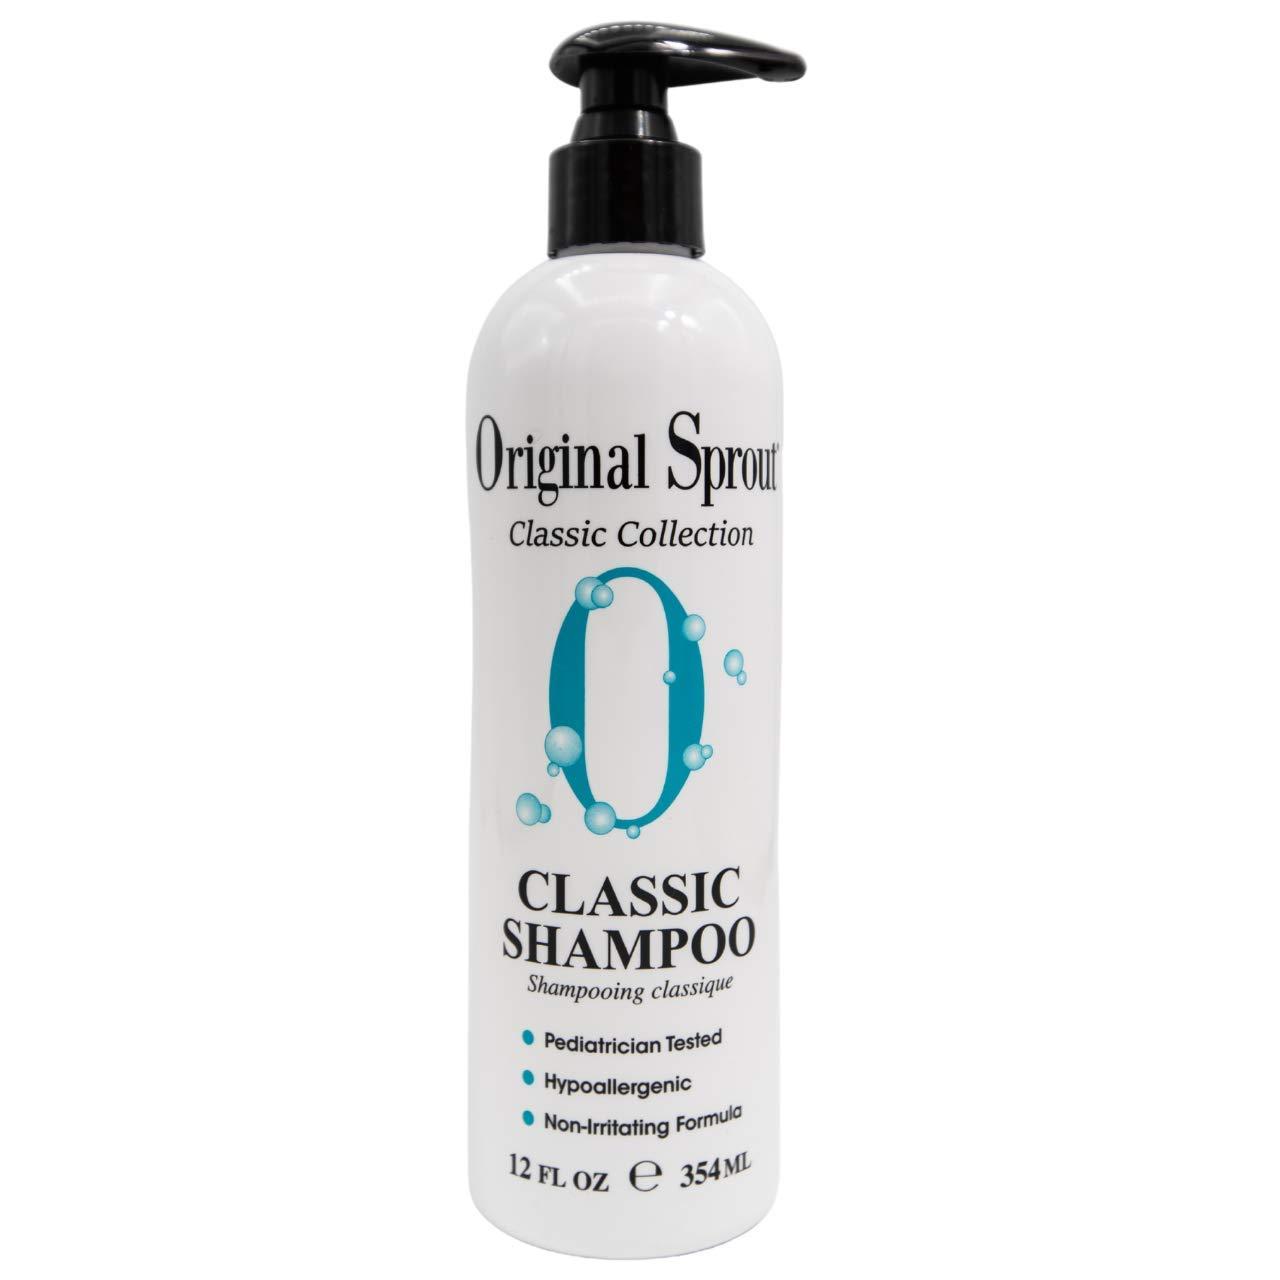 Original Sprout Classic Shampoo 12 oz